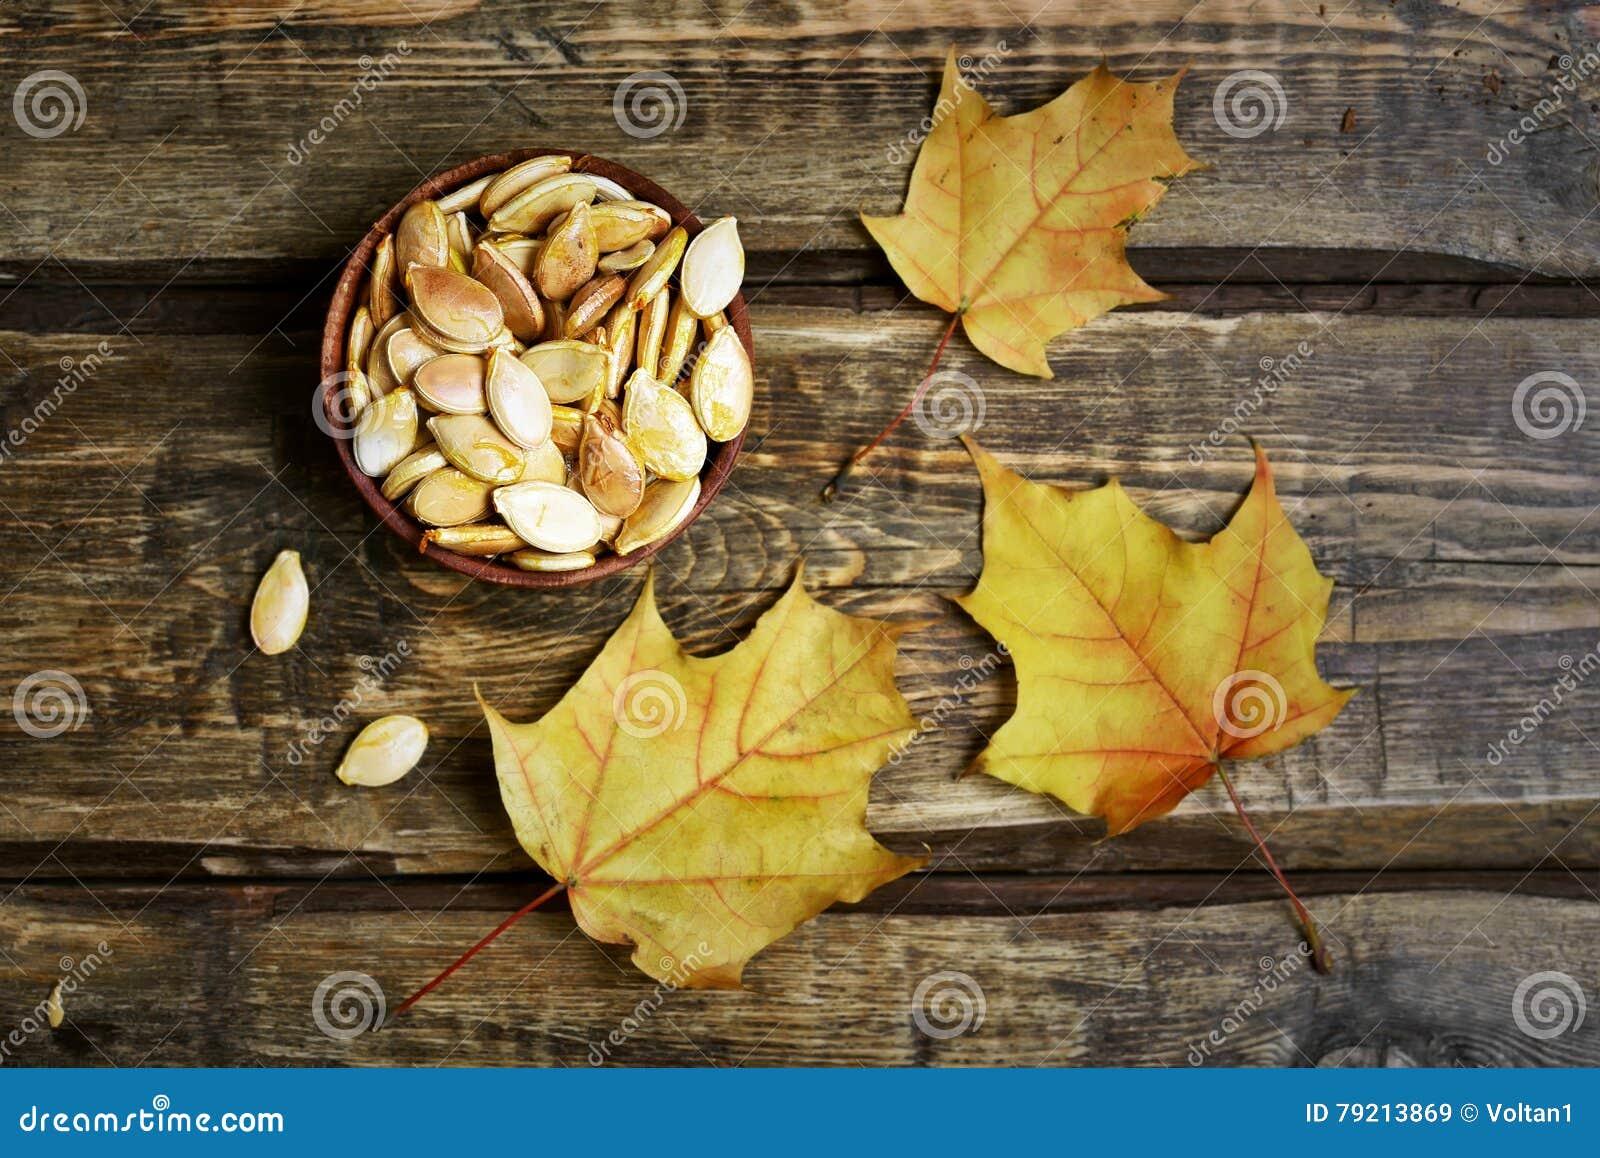 Semillas de calabaza y hojas de arce del otoño